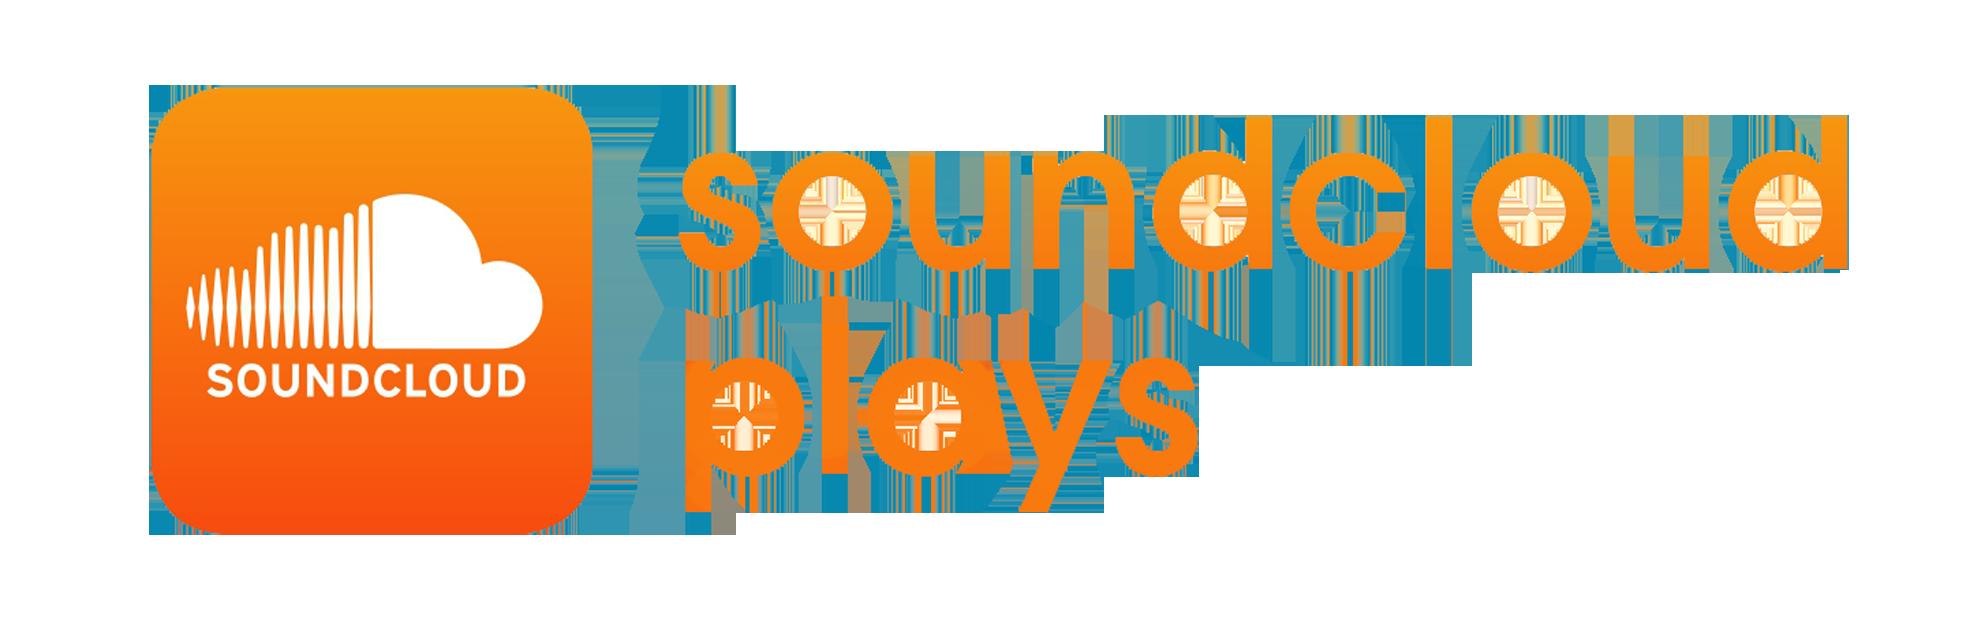 soundcl-tit